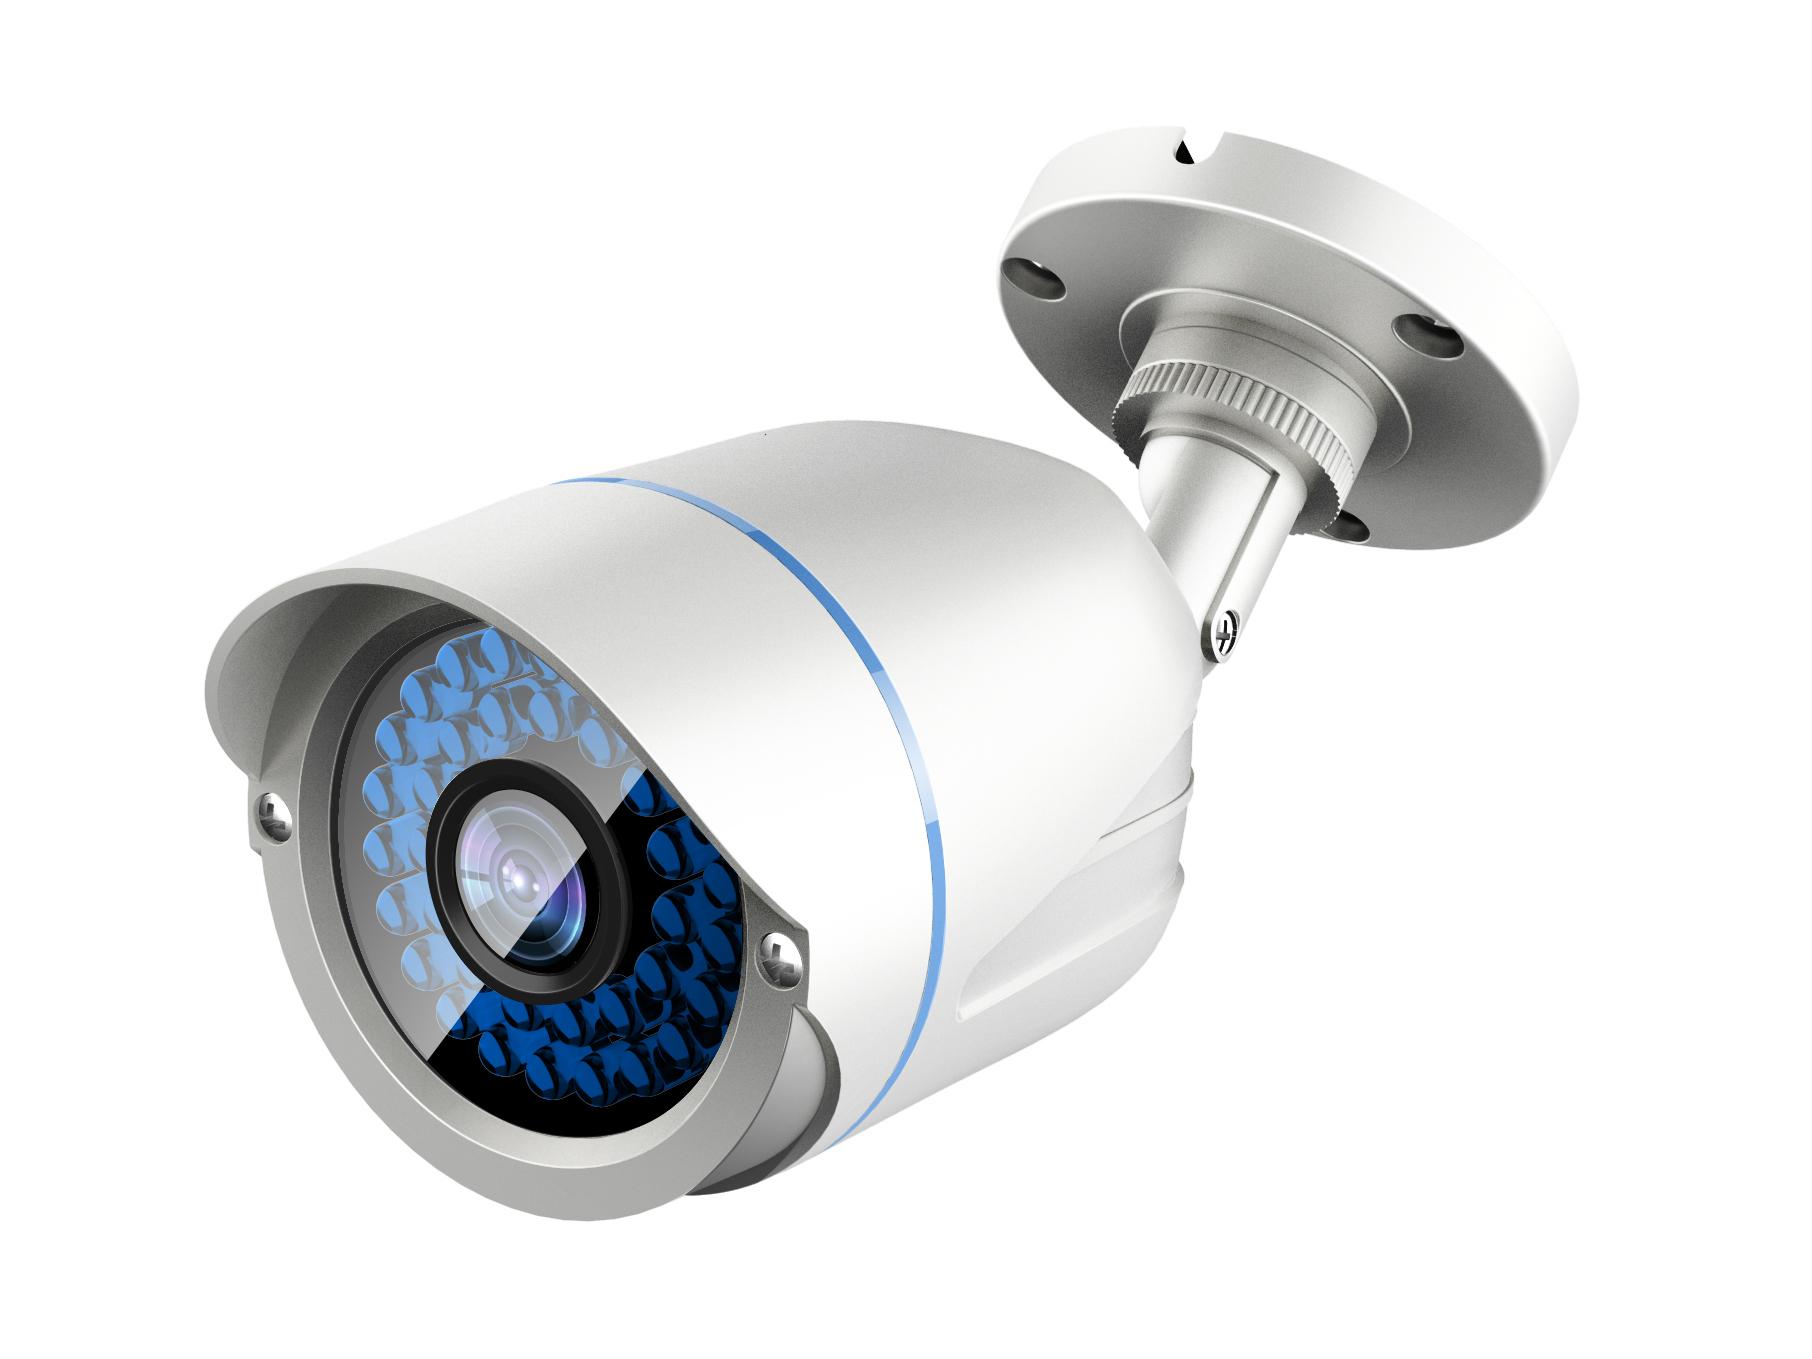 ACS-5602 CáMARA DE SEGURIDAD CCTV EXTERIOR BALA TECHO/PARED